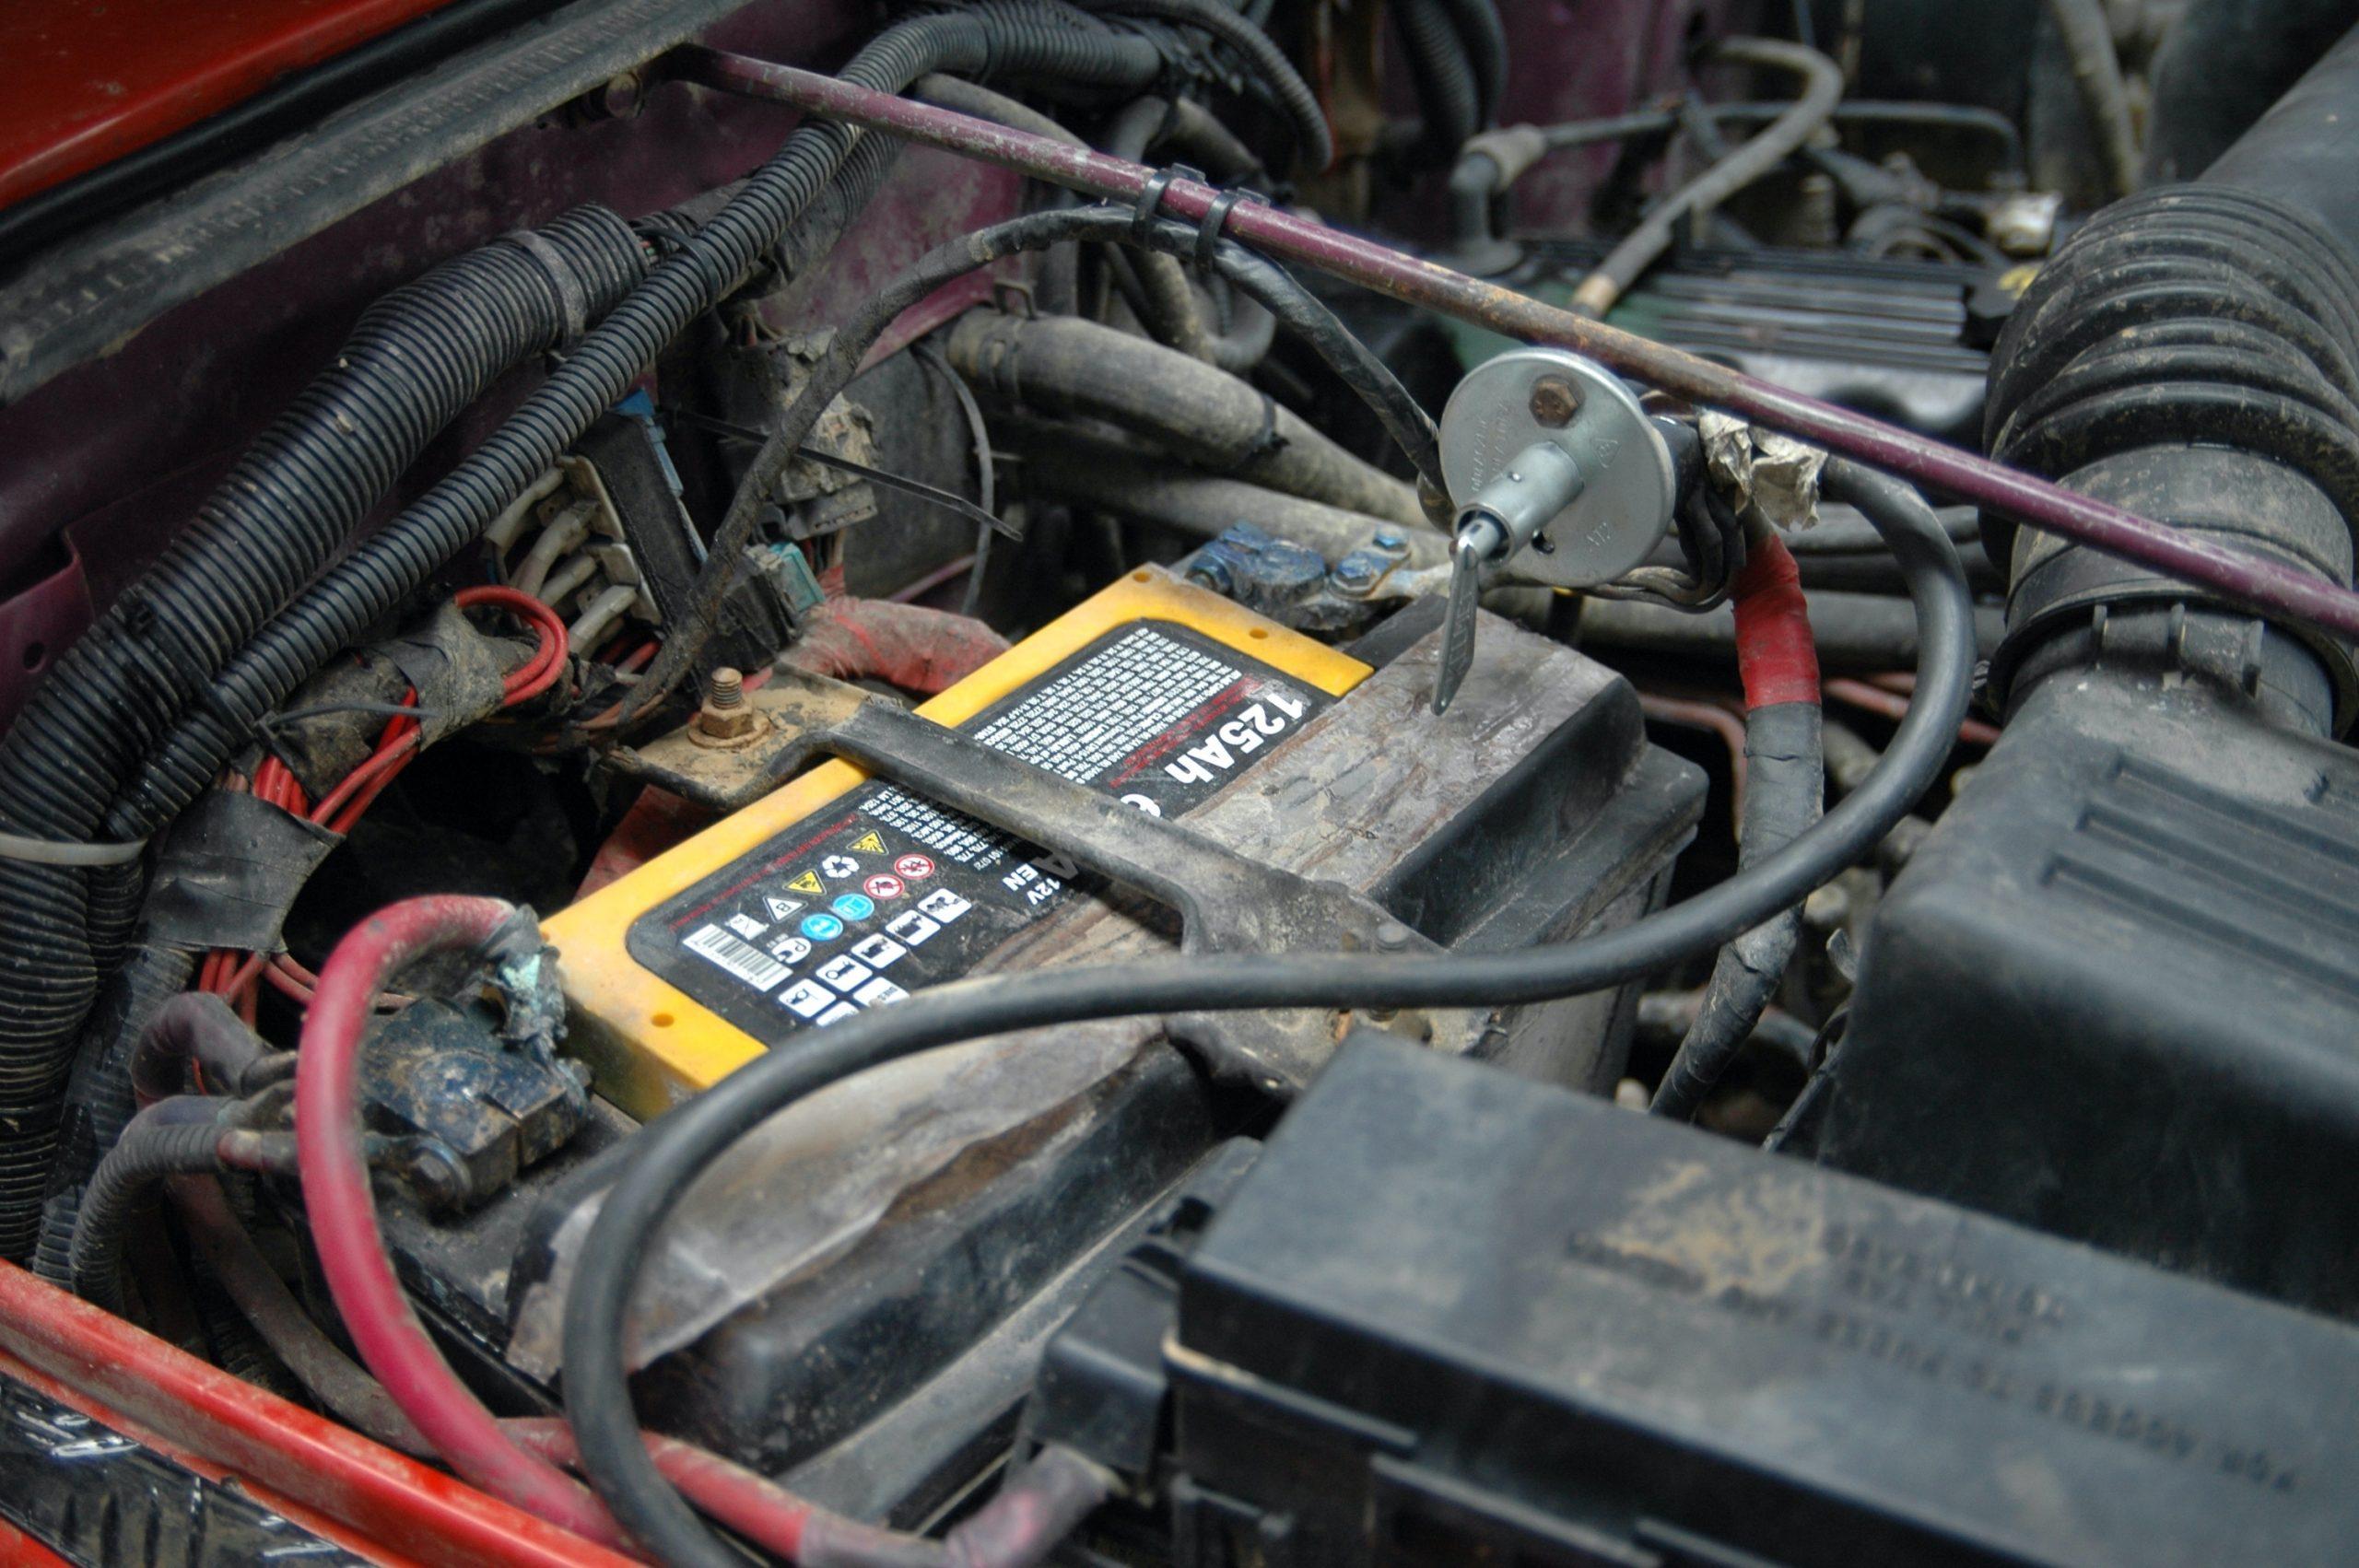 Jeep Wrangler TJ.Seryjny mały akumulator został zastąpiony akumulatorem o dużej pojemności. Dodatkowo na klemie masowej – centralne odcięcie.